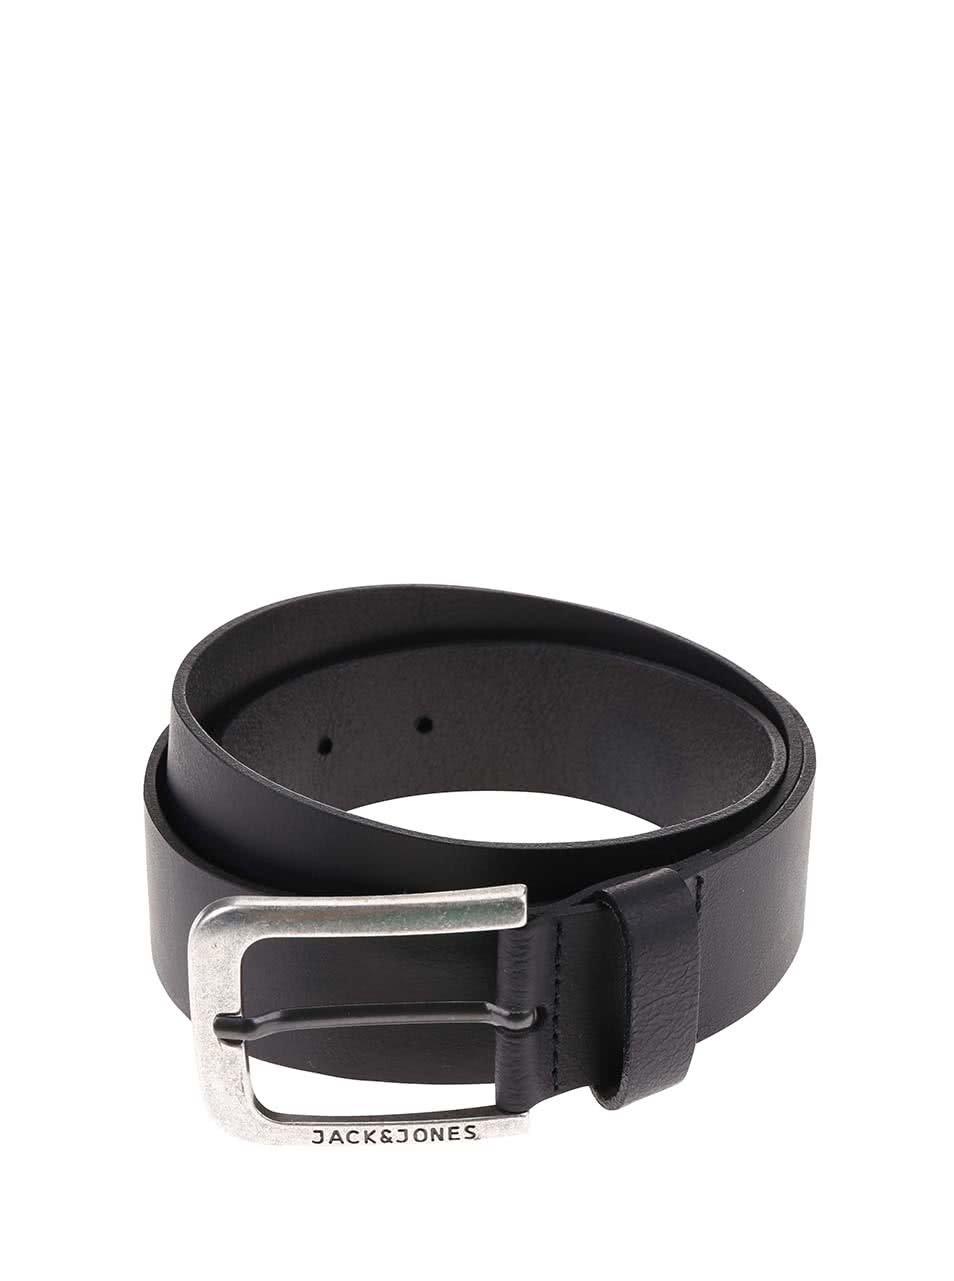 Černý kožený pásek Jack & Jones Alvin